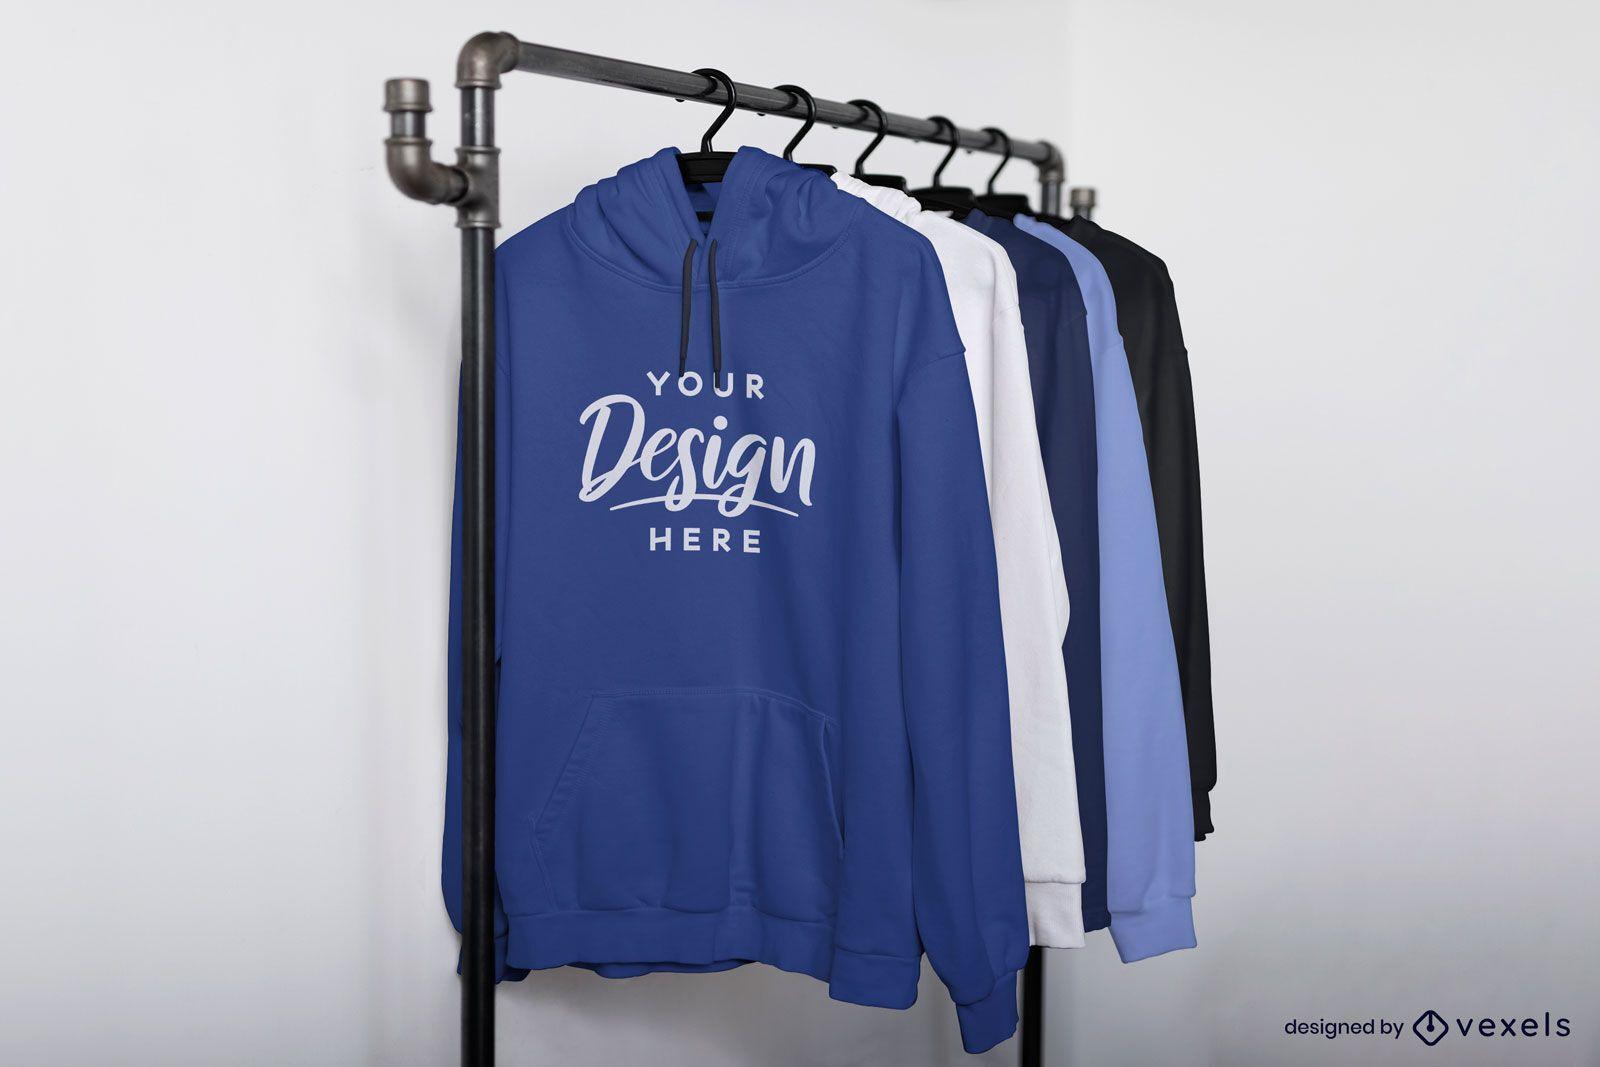 Diagonal view hoodies on rack mockup